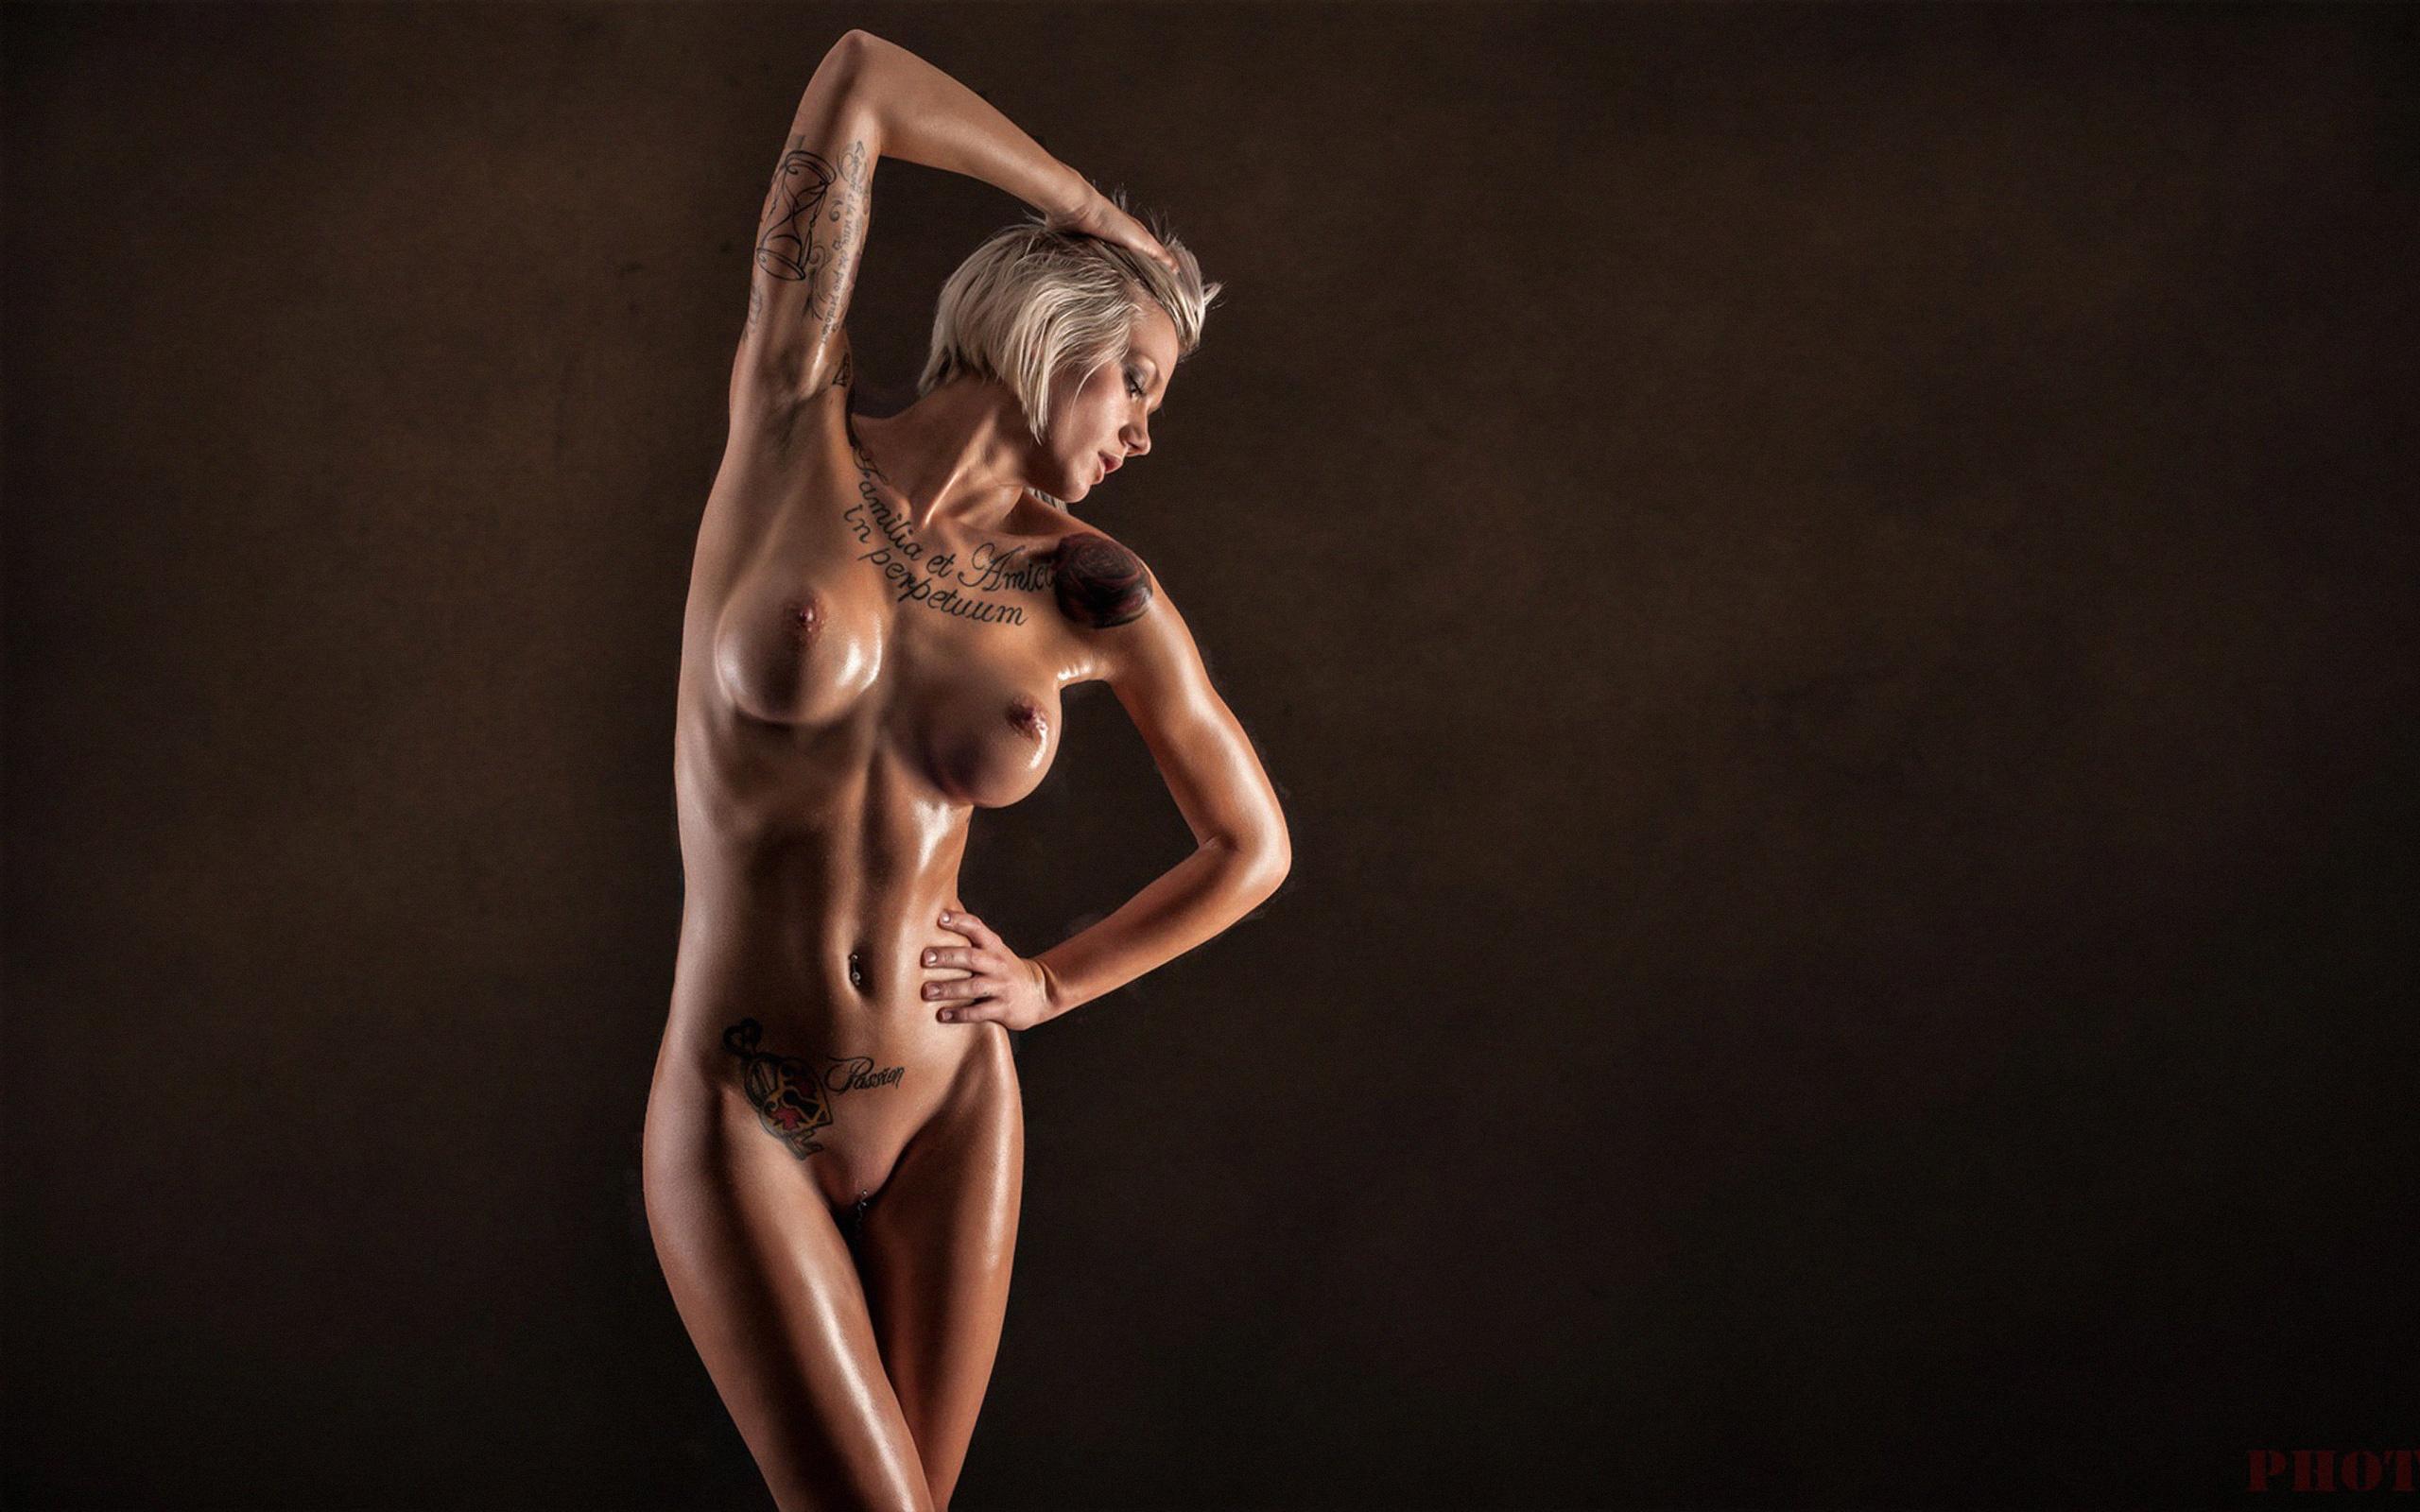 фото божественной красоты женское тело и умопомрачительный мощный хуй артерия